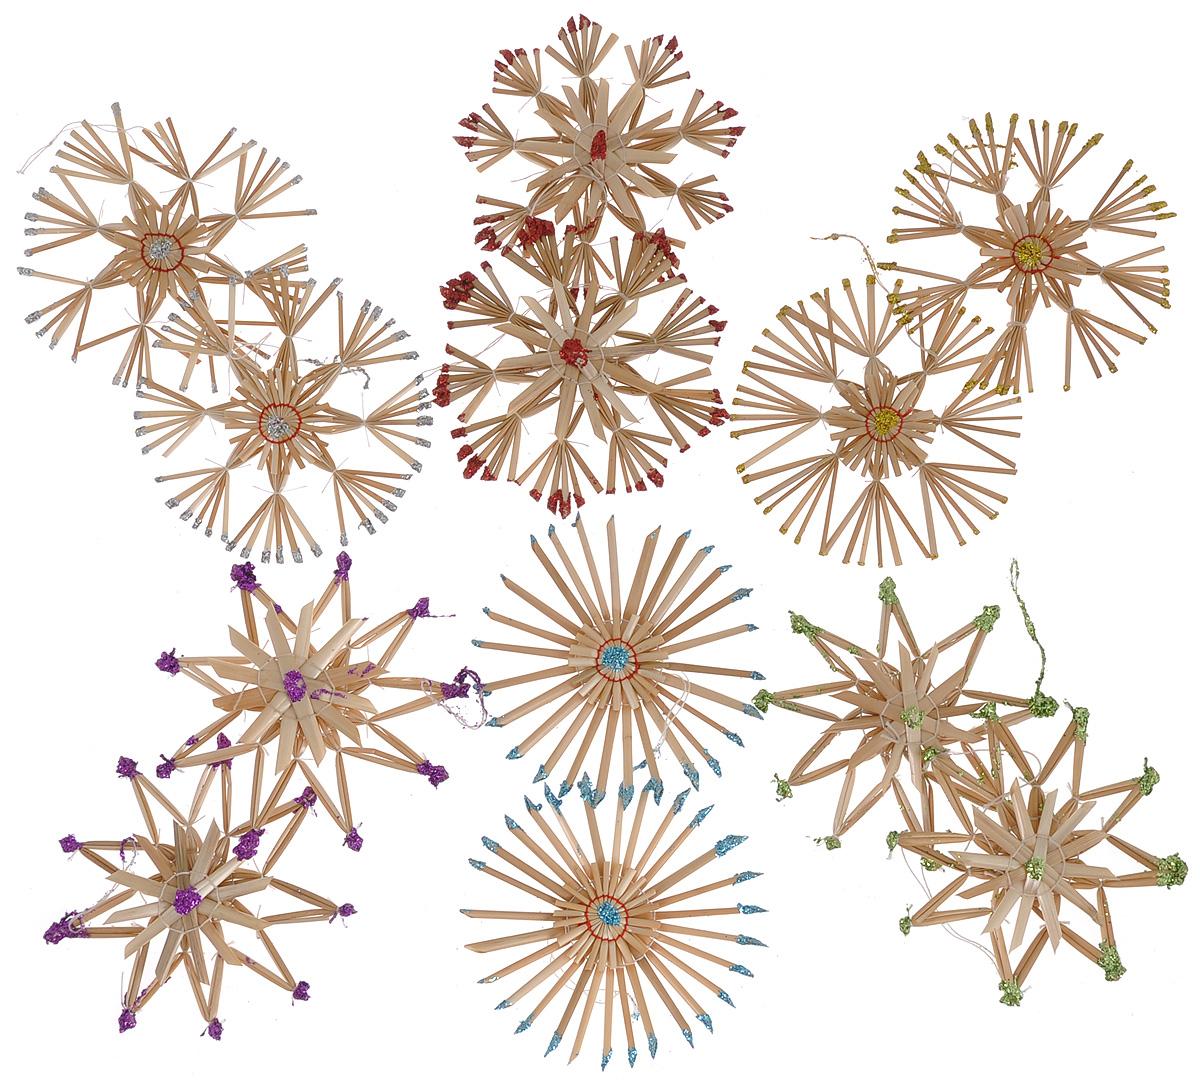 Набор новогодних подвесных украшений Феникс-презент Радуга, 12 шт набор новогодних подвесных украшений феникс презент ассорти цвет красный диаметр 6 см 6 шт